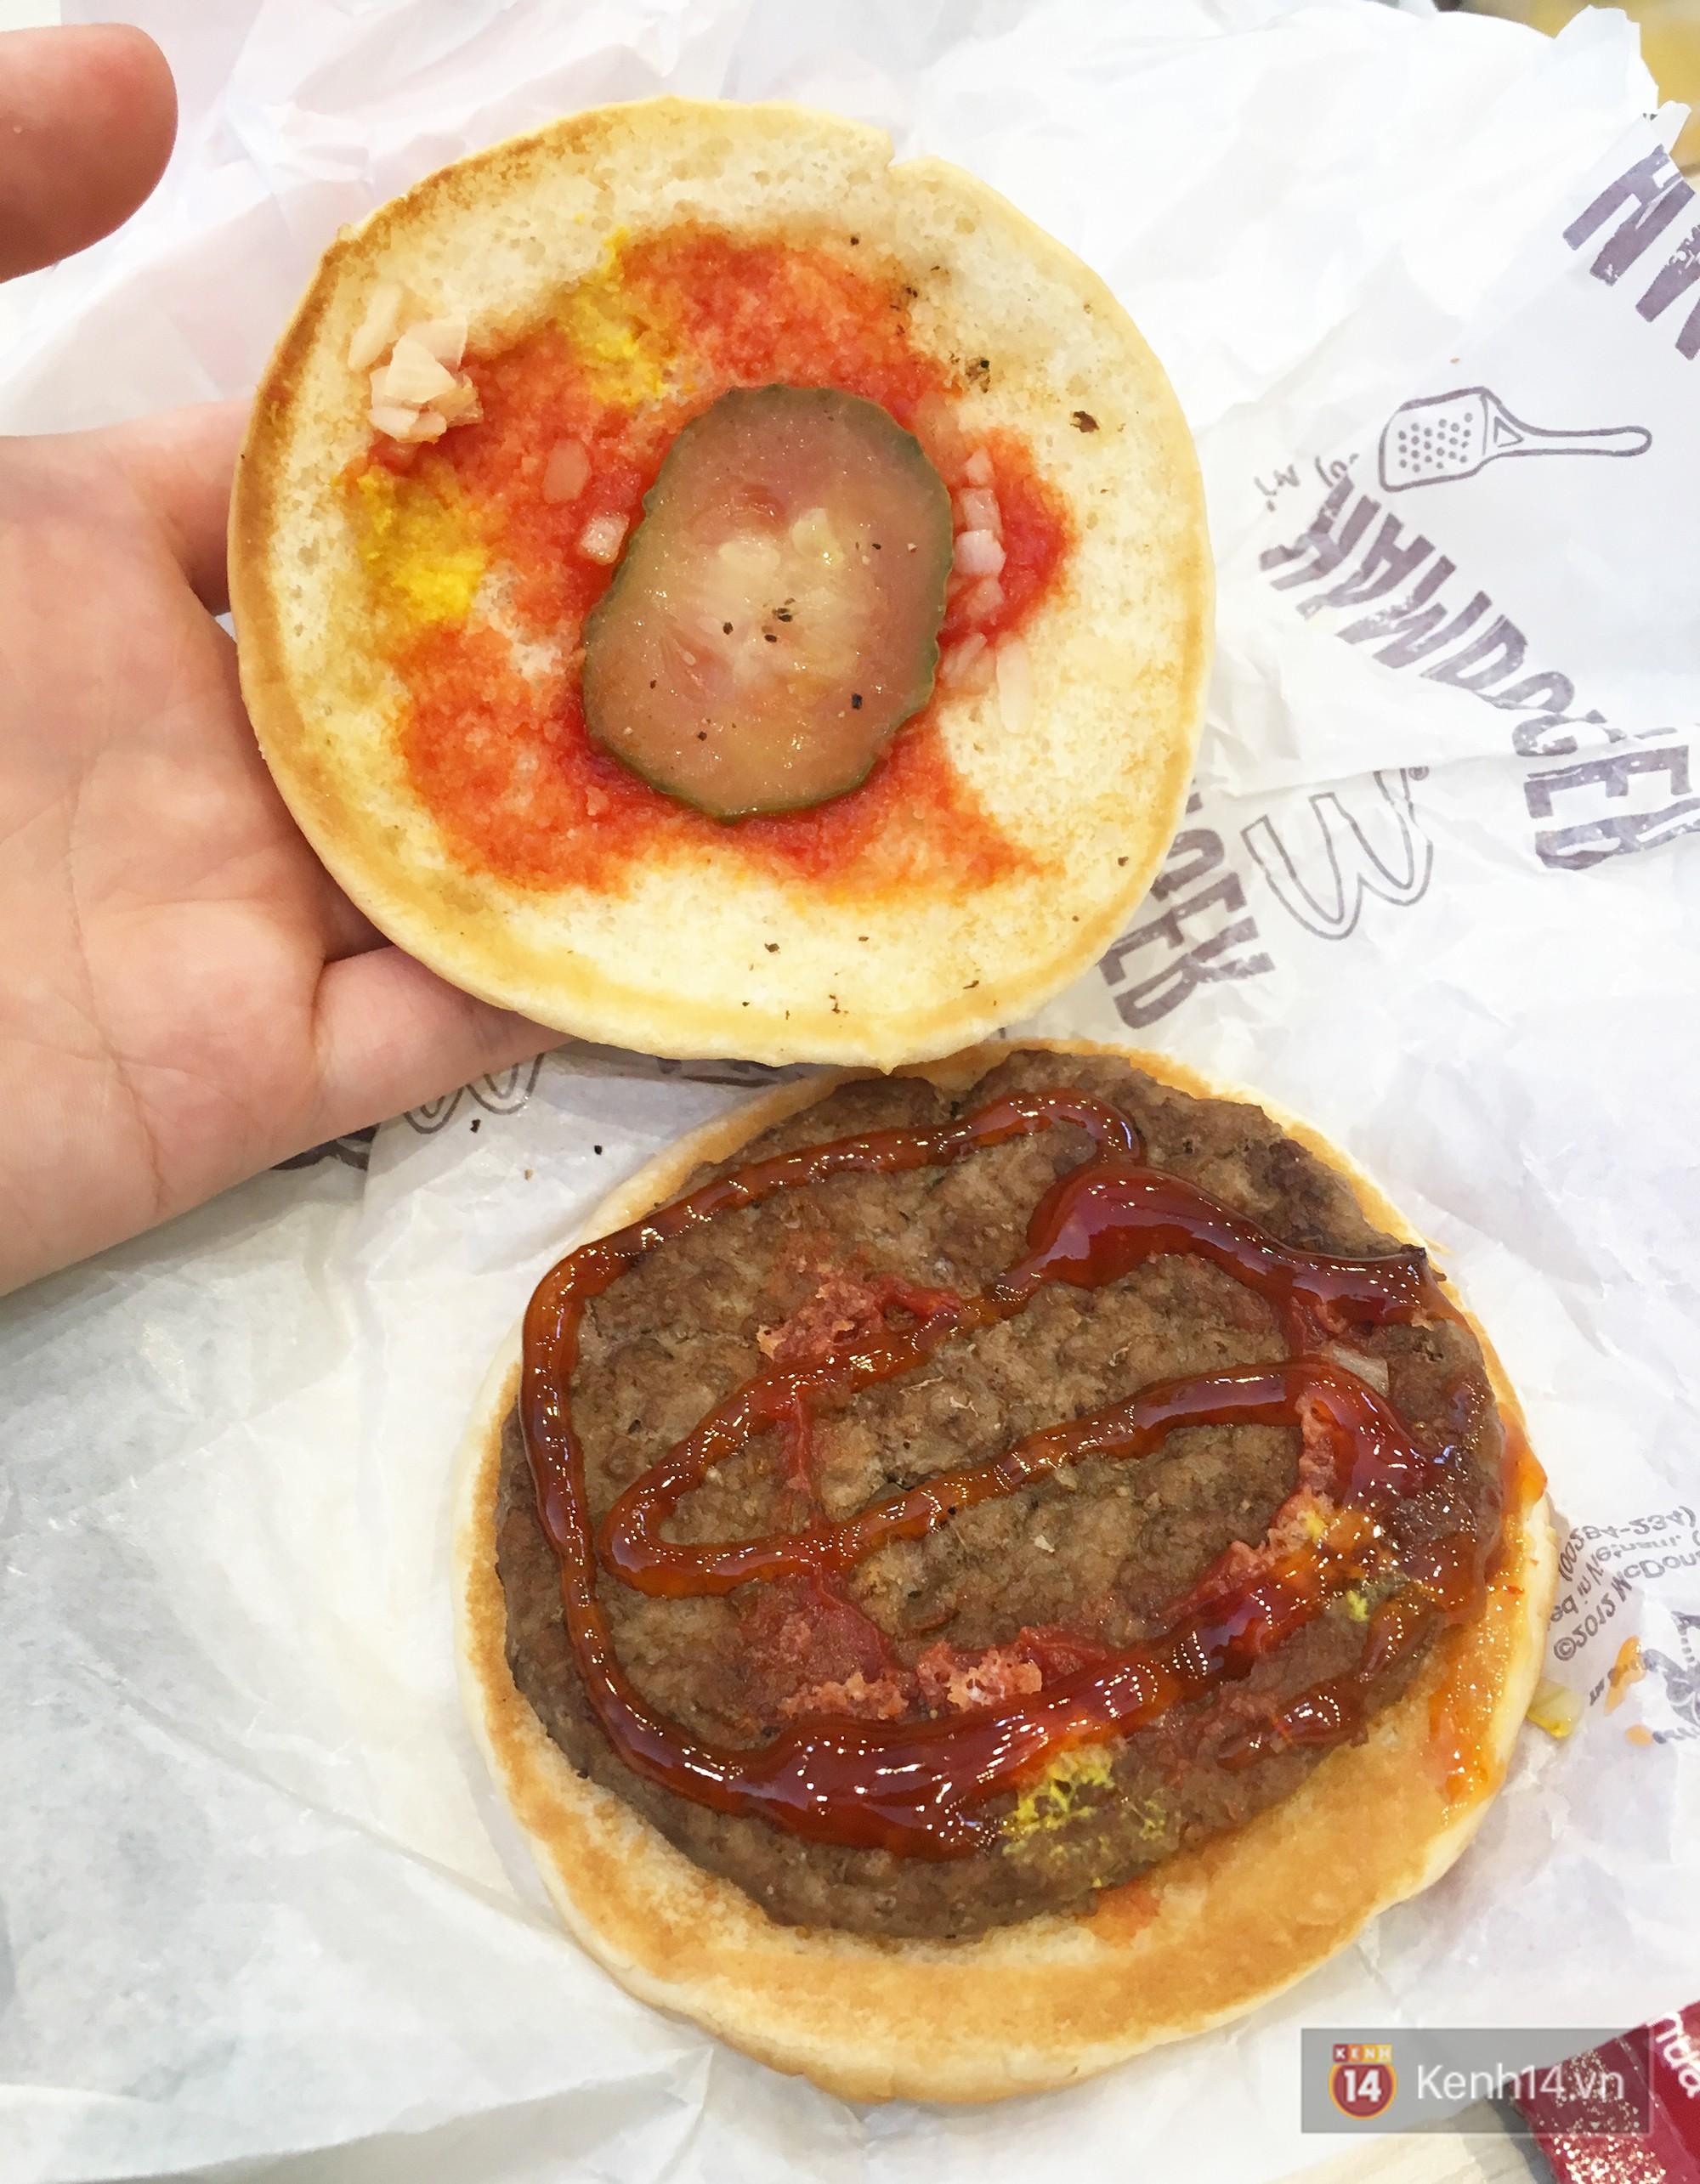 Xem sự khác biệt giữa quảng cáo và thực tế của burger ở Việt Nam để thấy đúng là đời không như mơ - Ảnh 4.